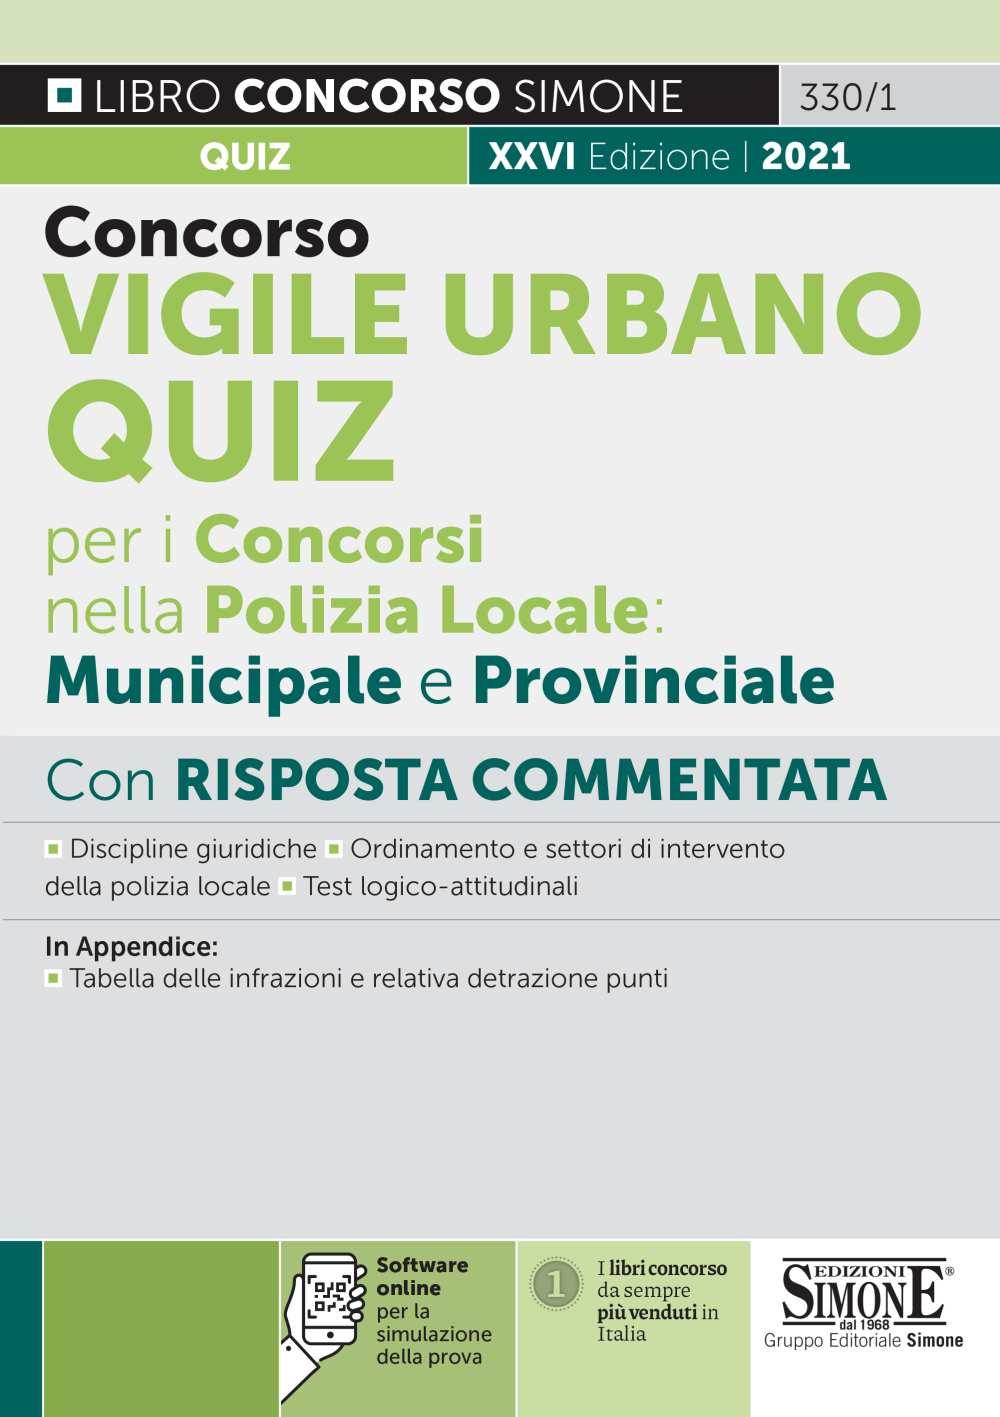 Concorso Vigile Urbano Quiz